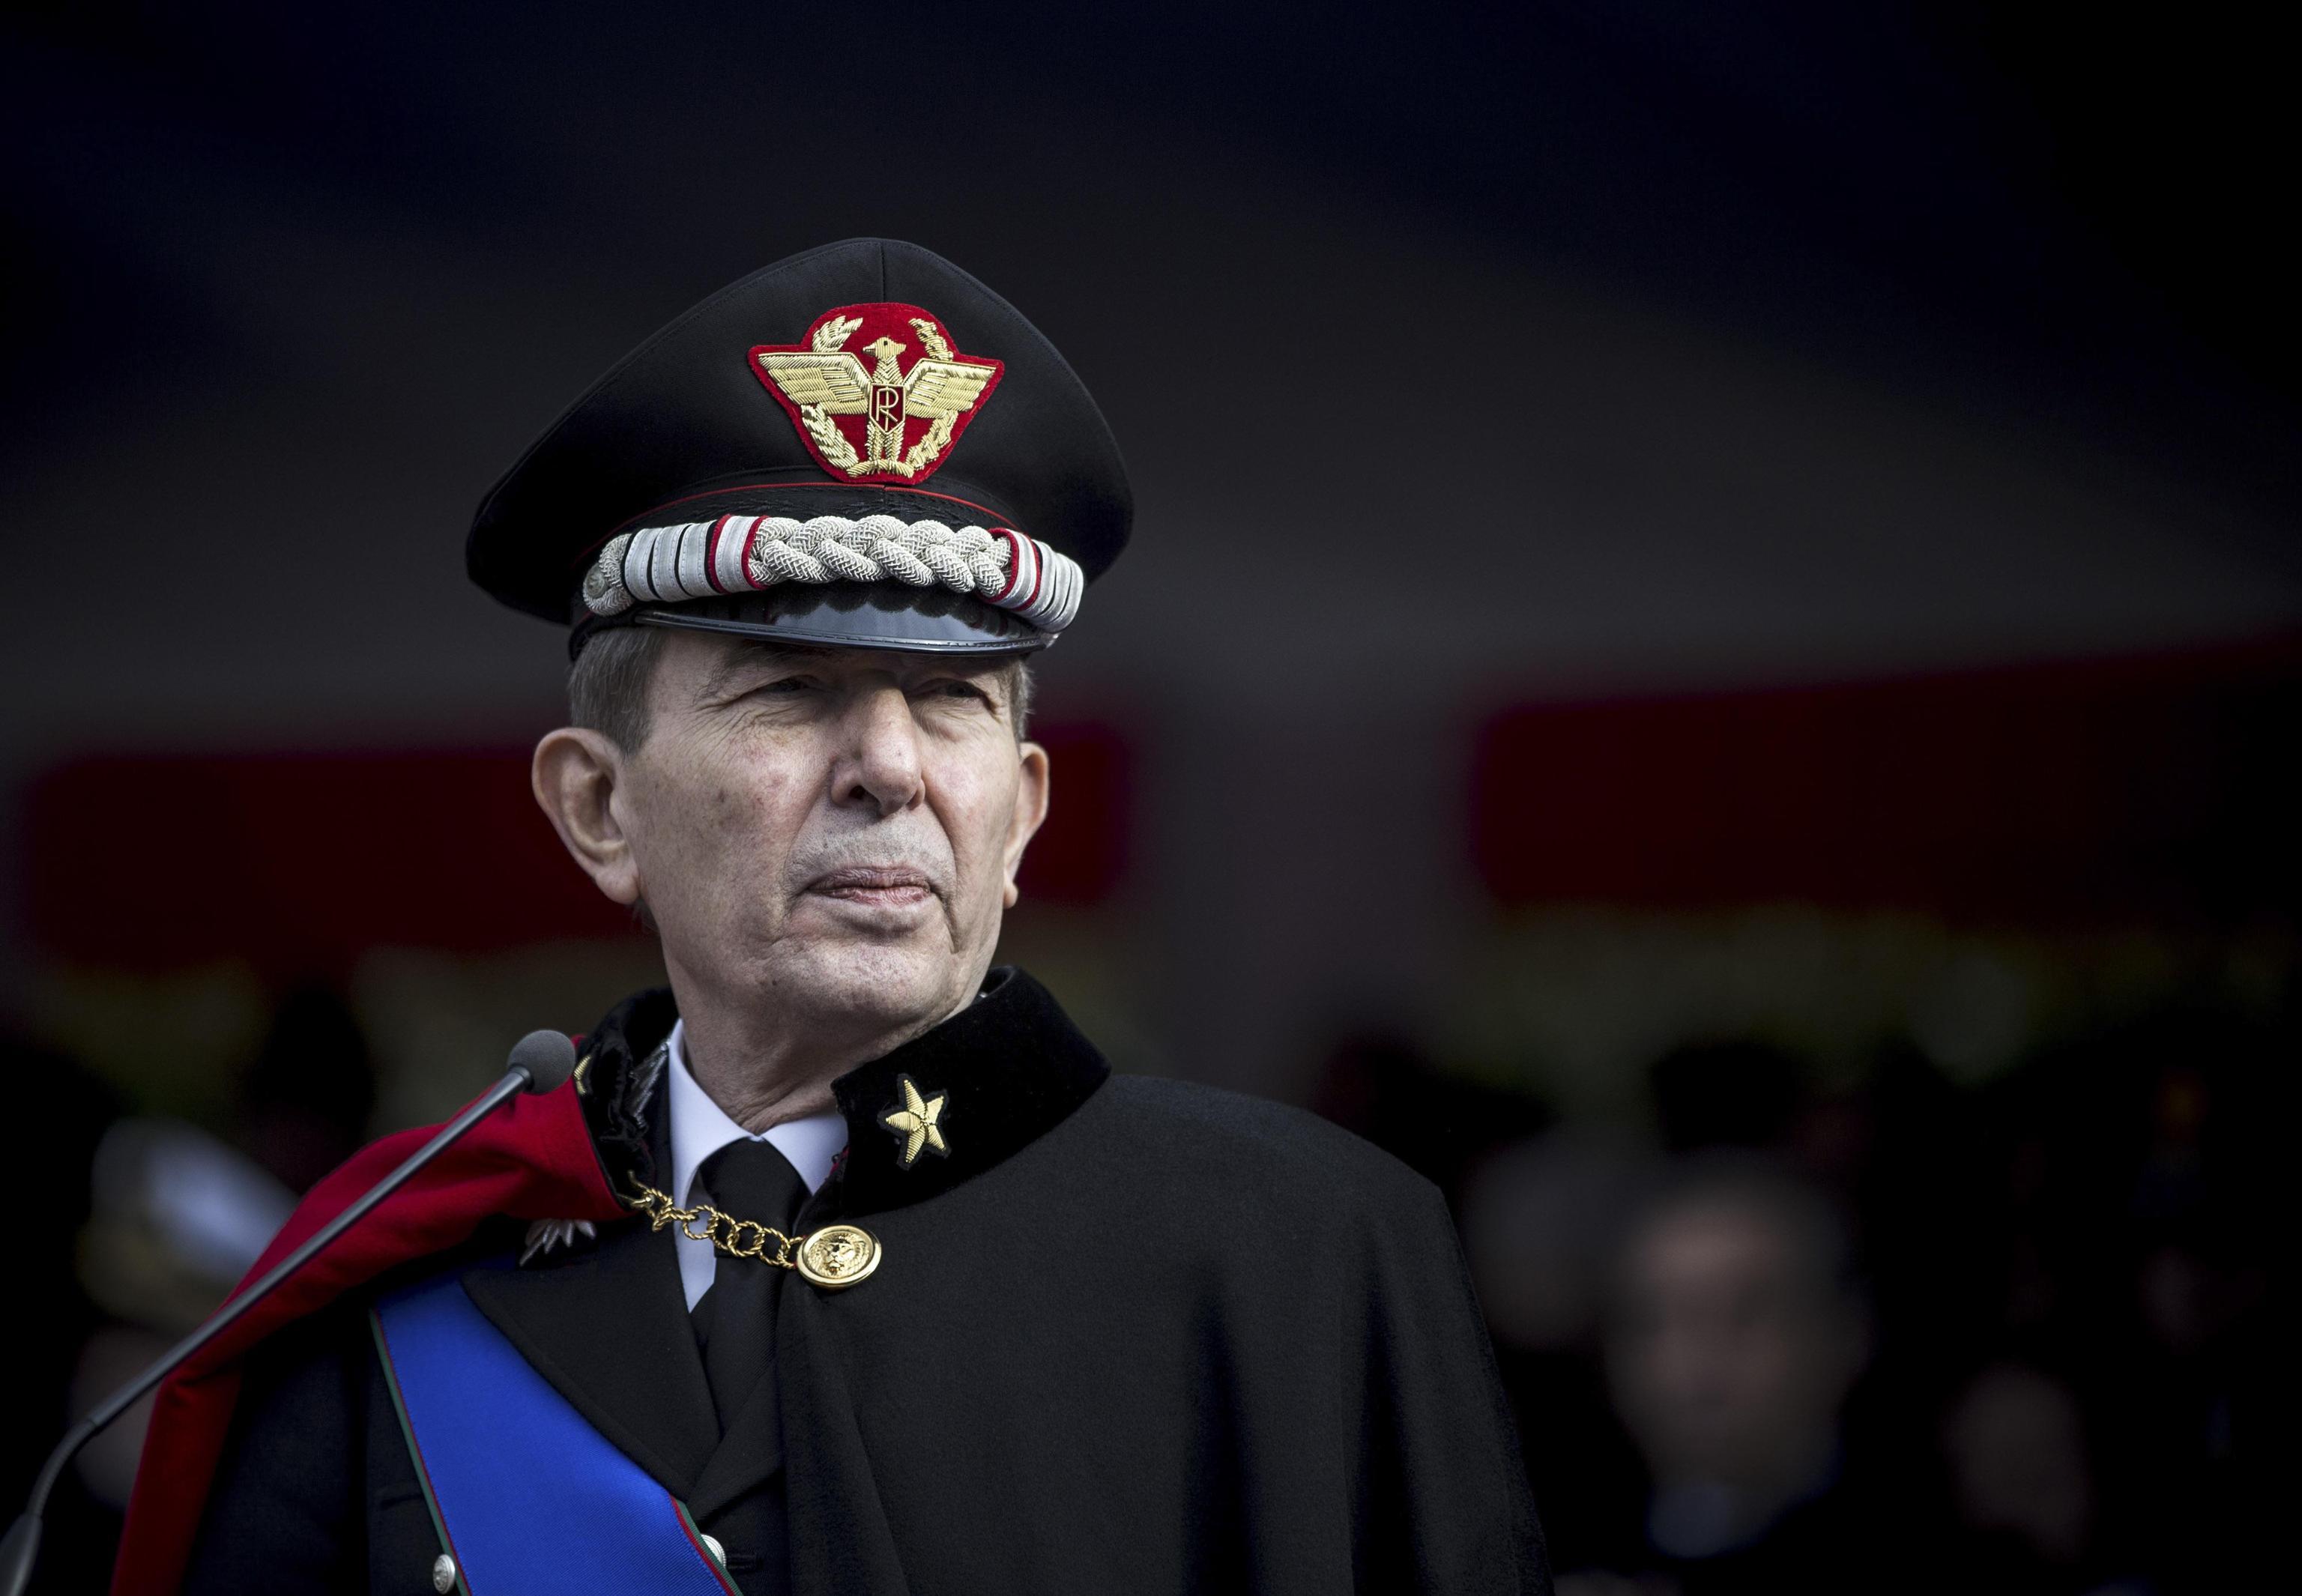 Chi è Leonardo Gallitelli? Il generale amato da Berlusconi